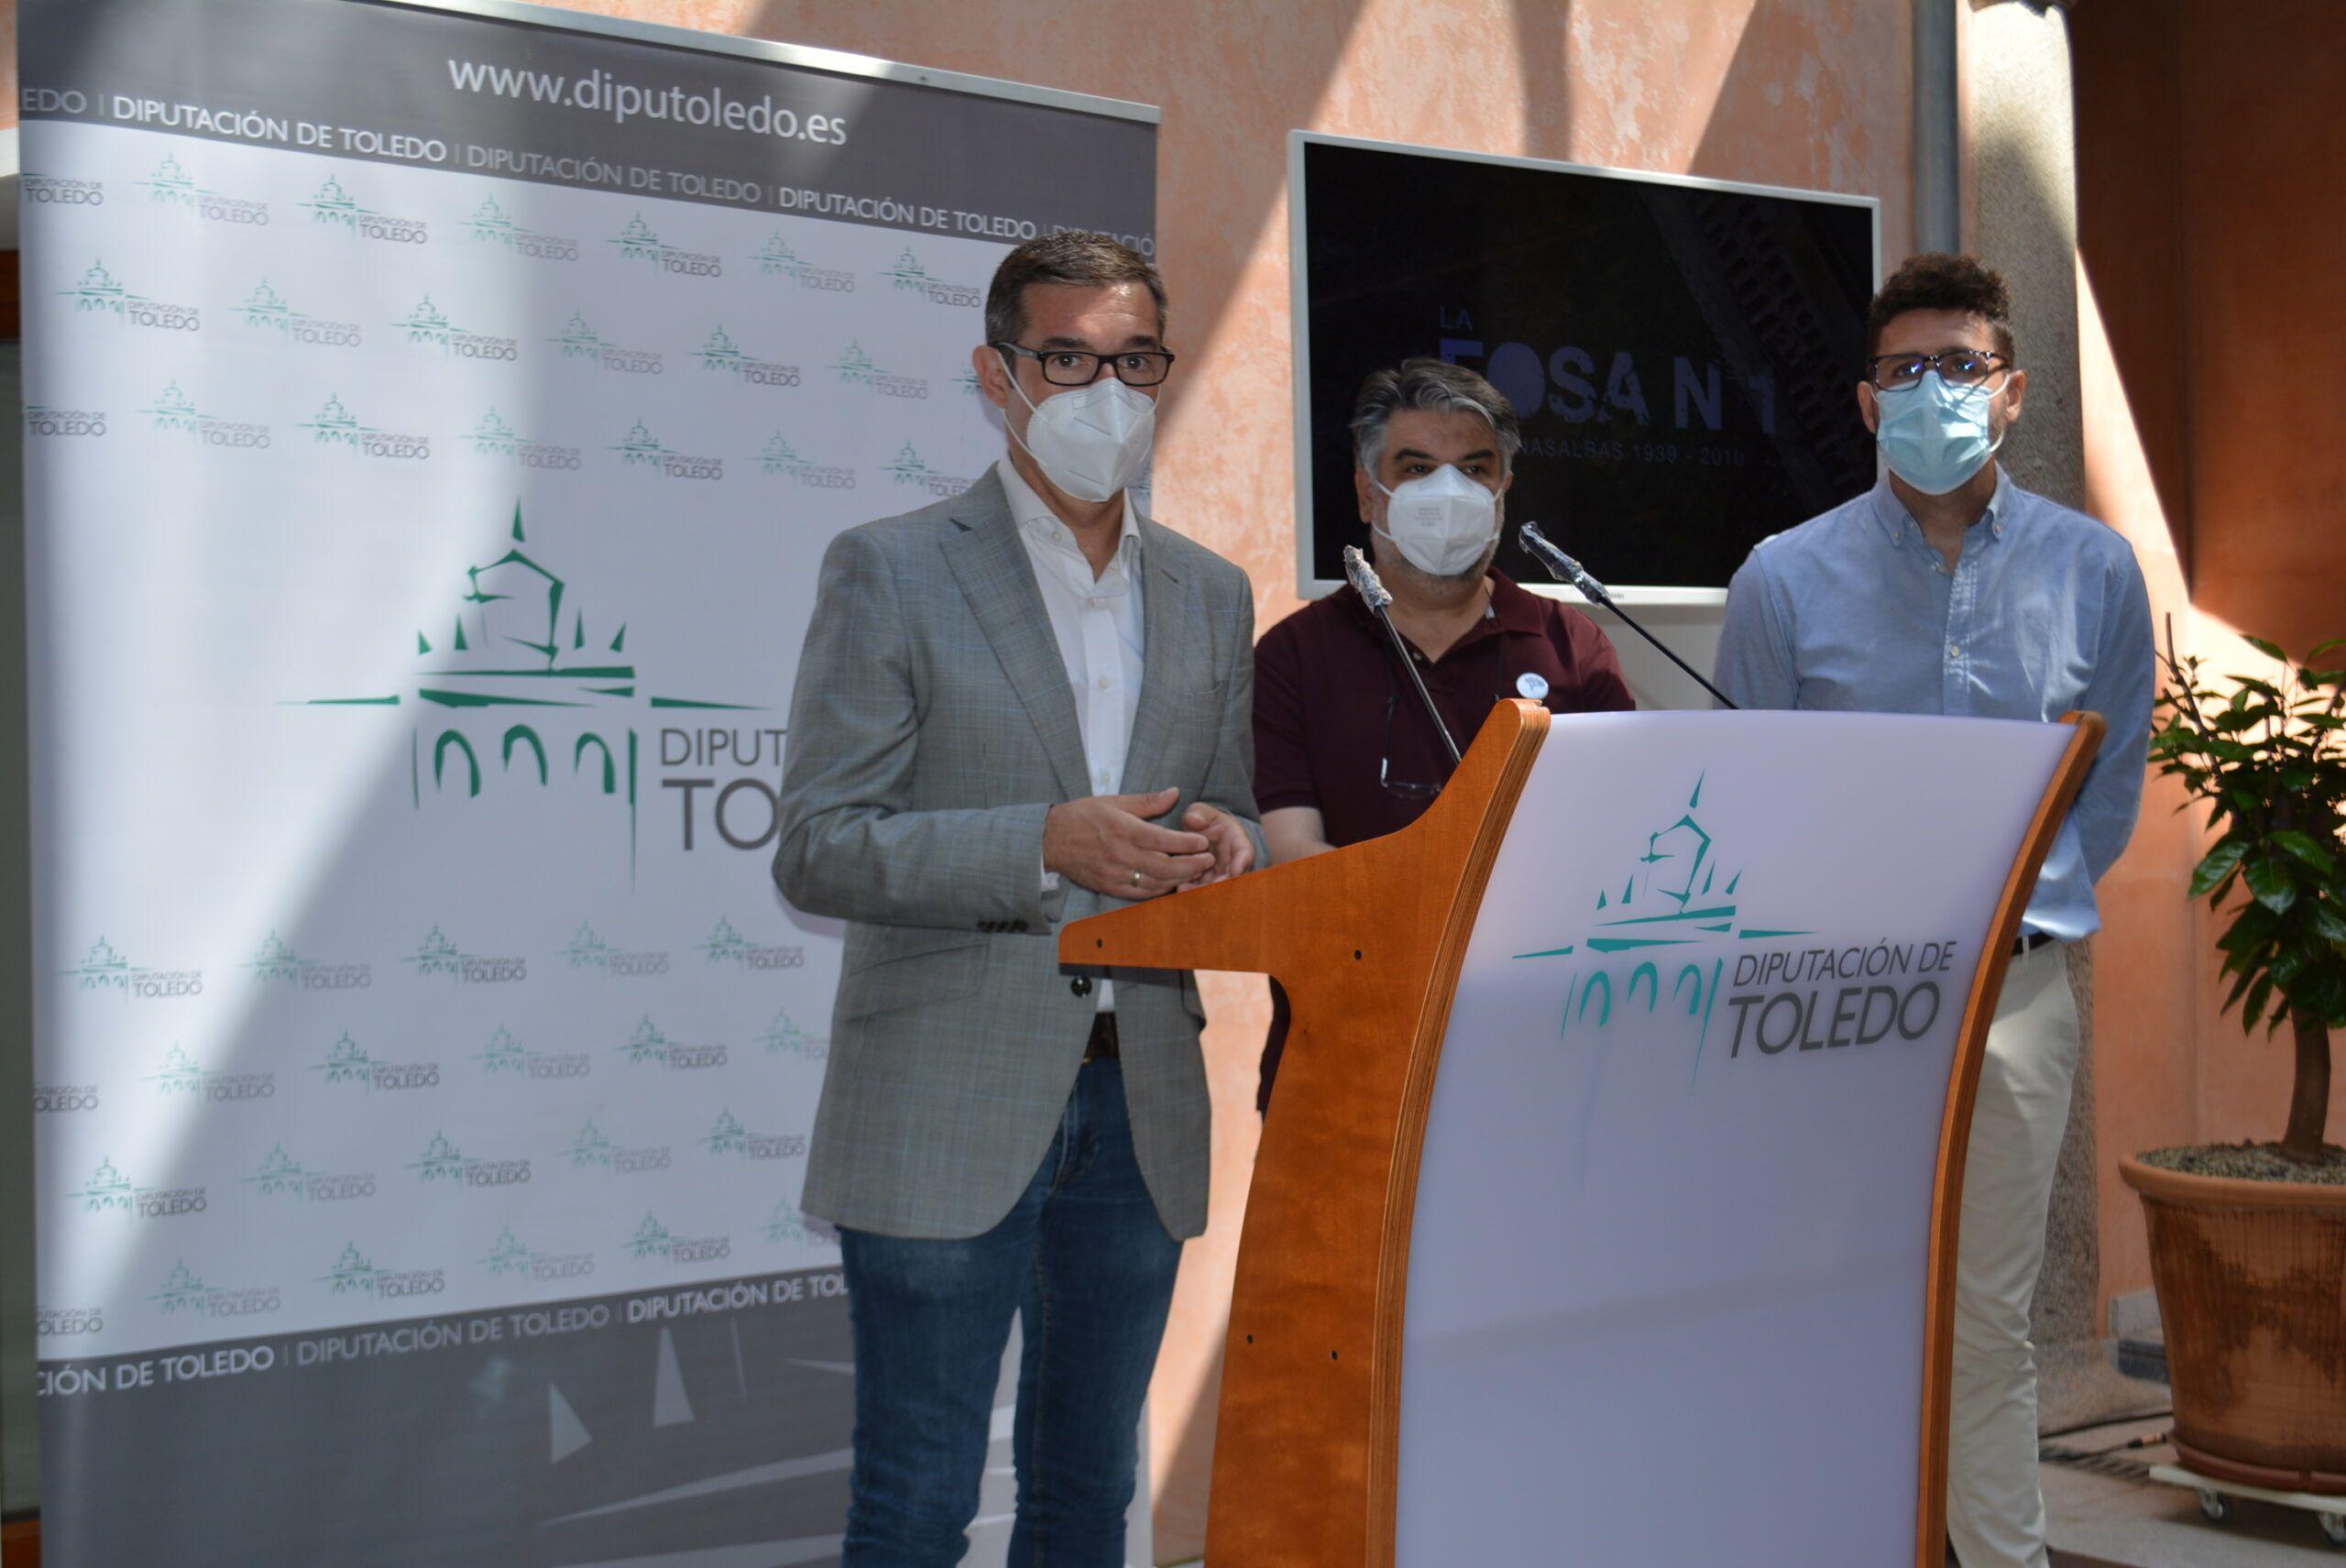 La Diputación deToledo financia el documental sobre los trabajos de exhumación de la Fosa Nº 1 de Menasalbas